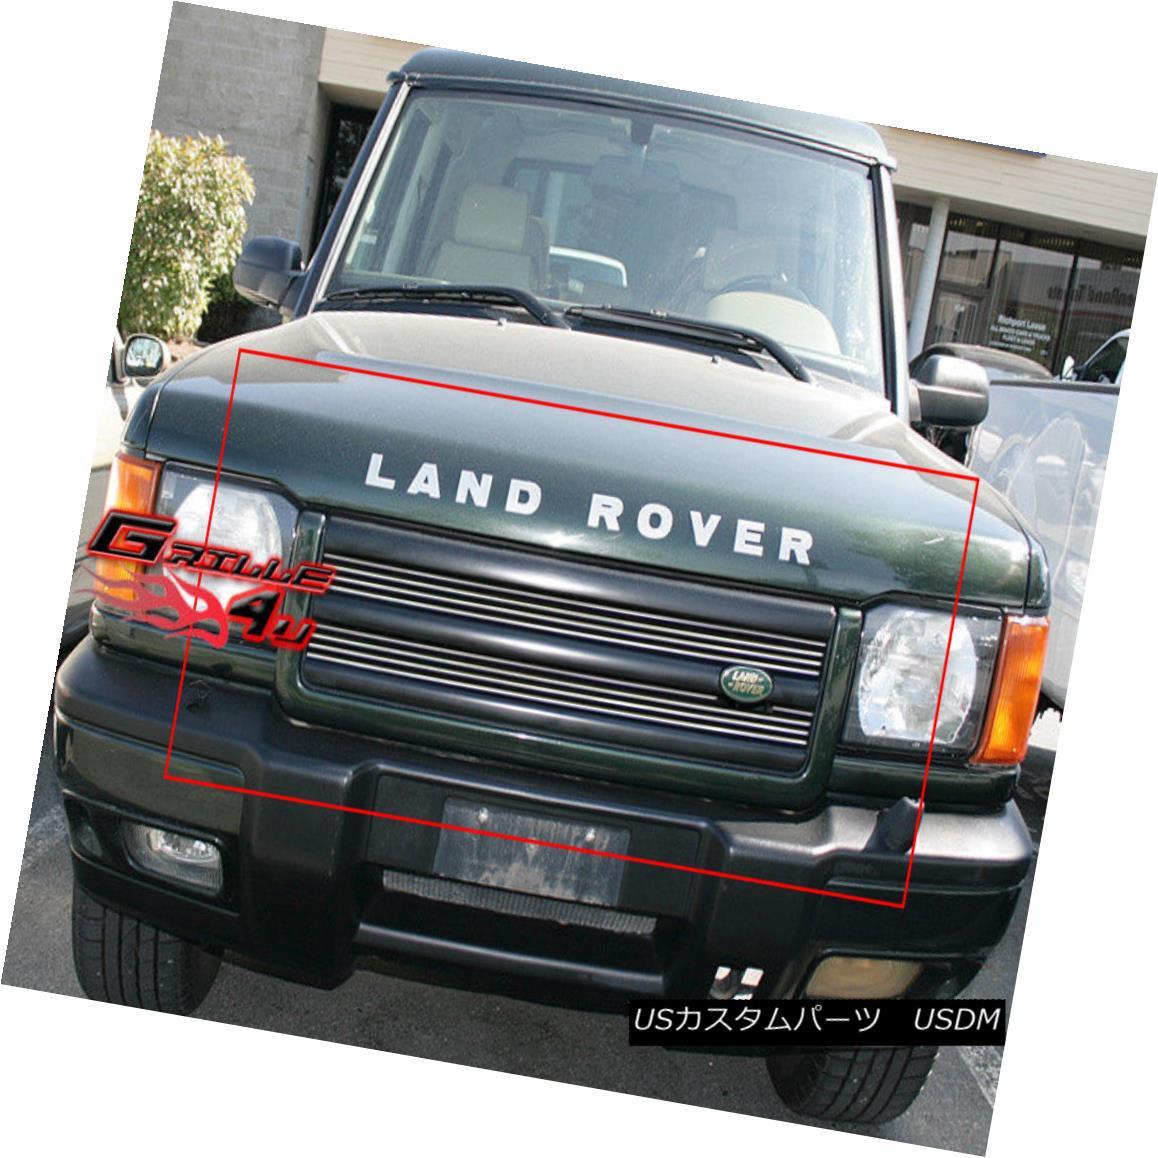 グリル Fits 1999-2002 Land Rover Discovery Main Upper Billet Grille Insert 1999-2002 Land Rover Discoveryメインアッパービレットグリルインサート